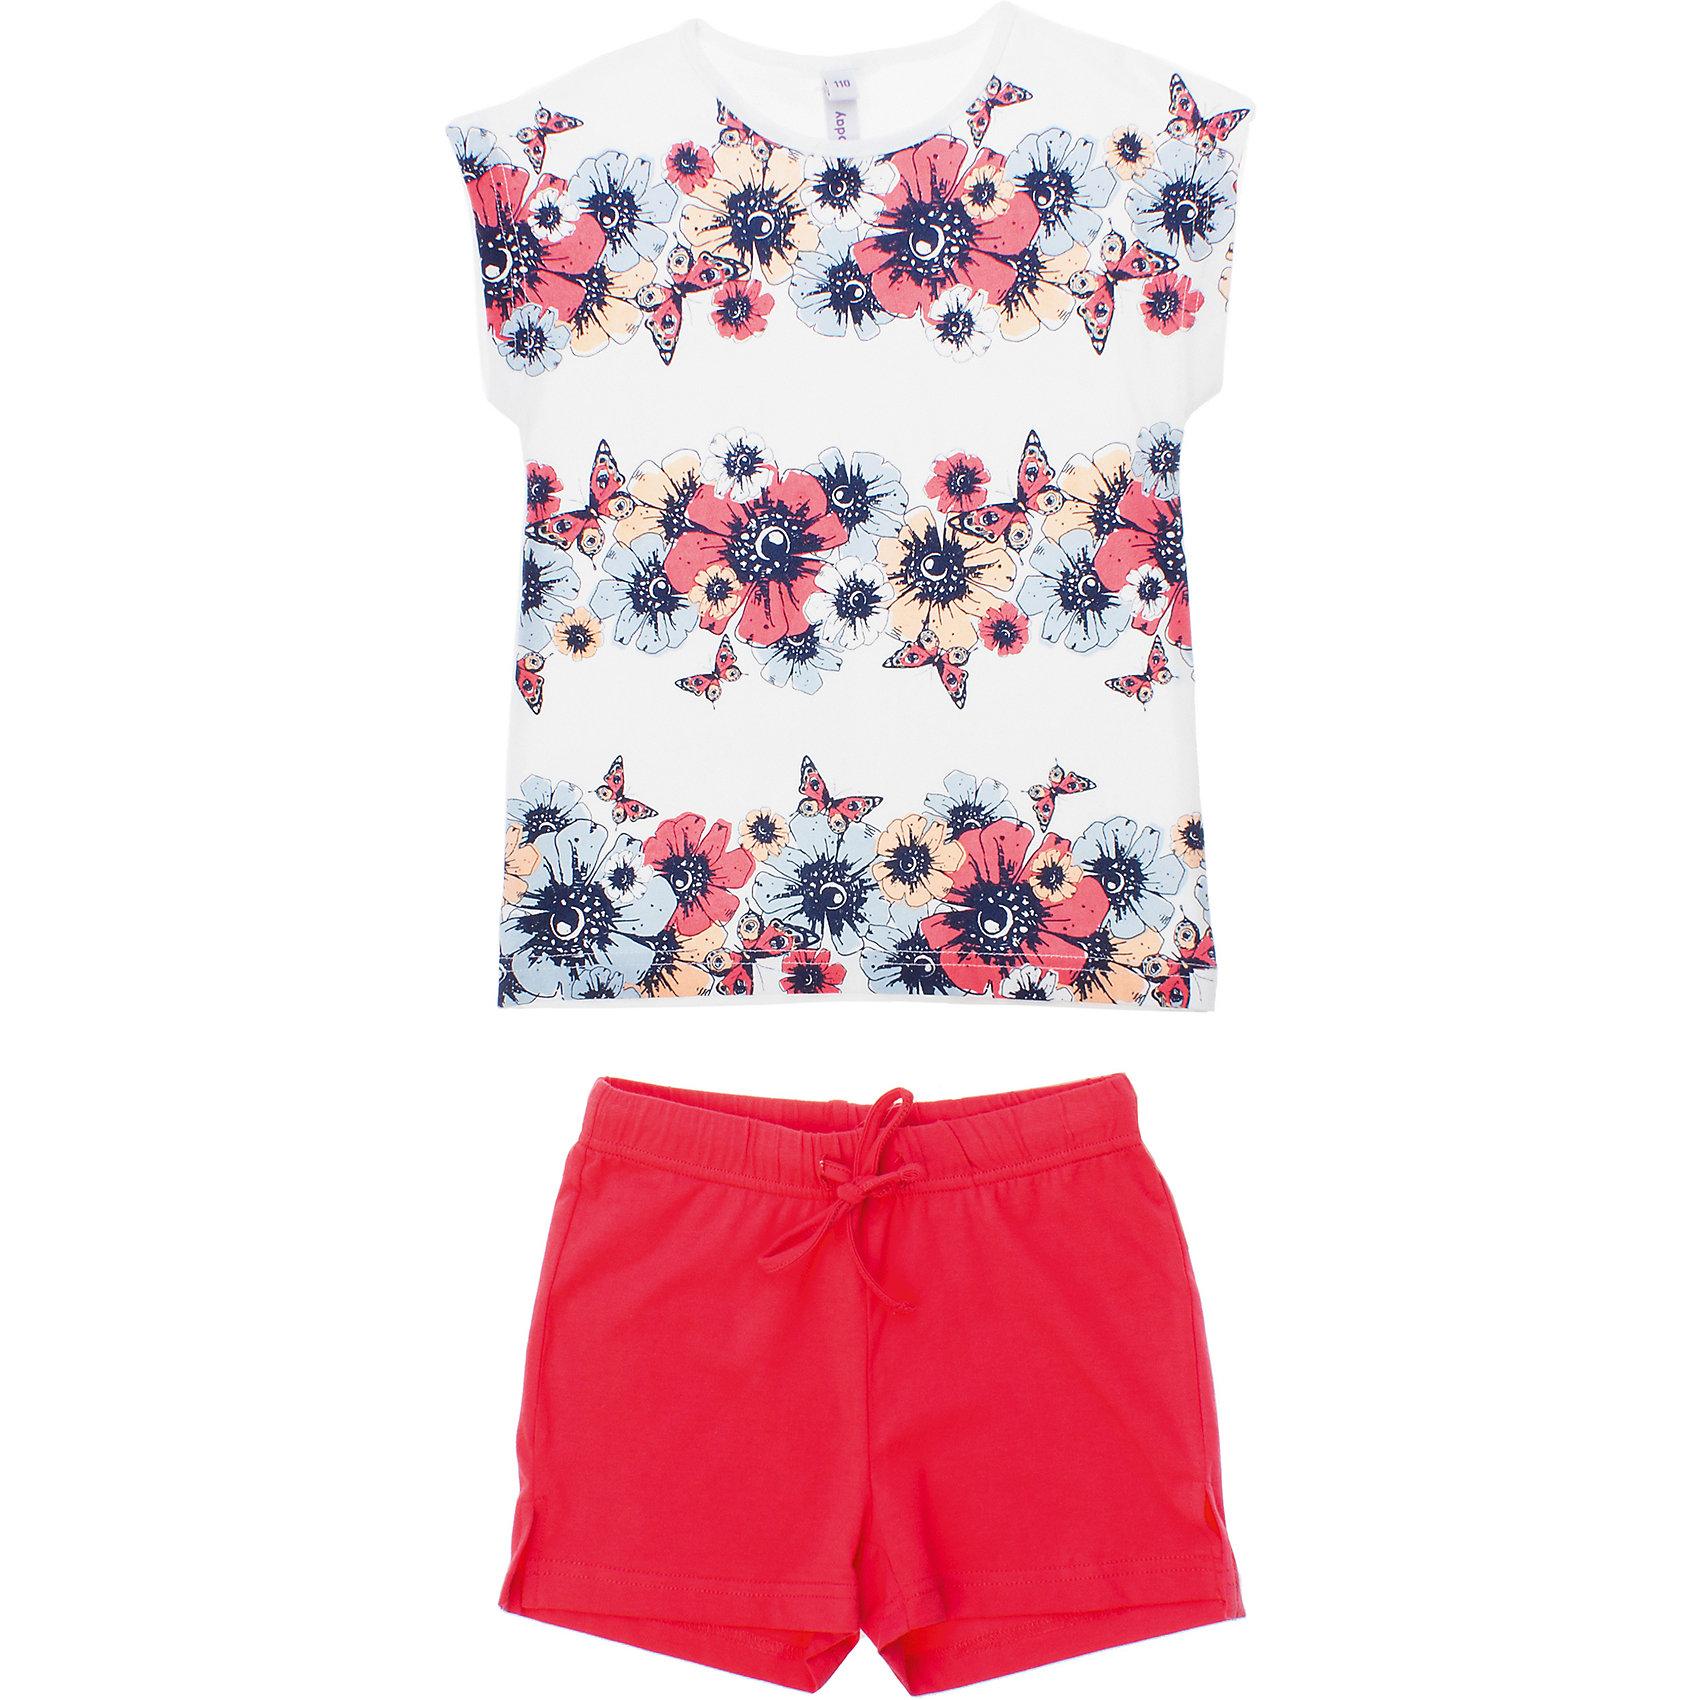 Комплект: футболка и шорты для девочки PlayTodayКомплекты<br>Комплект: футболка и шорты для девочки PlayToday <br><br>Состав: 95% хлопок, 5% эластан <br><br>Футболка:<br>Стильная конструкция со спущенным плечом <br>Украшена водным принтом с цветочками<br>Шорты:<br>Пояс на резинке<br>Регулирующий шнурок<br>Персиковый цвет<br><br>Ширина мм: 199<br>Глубина мм: 10<br>Высота мм: 161<br>Вес г: 151<br>Цвет: розовый<br>Возраст от месяцев: 36<br>Возраст до месяцев: 48<br>Пол: Женский<br>Возраст: Детский<br>Размер: 98,128,110,122,116,104<br>SKU: 4502147